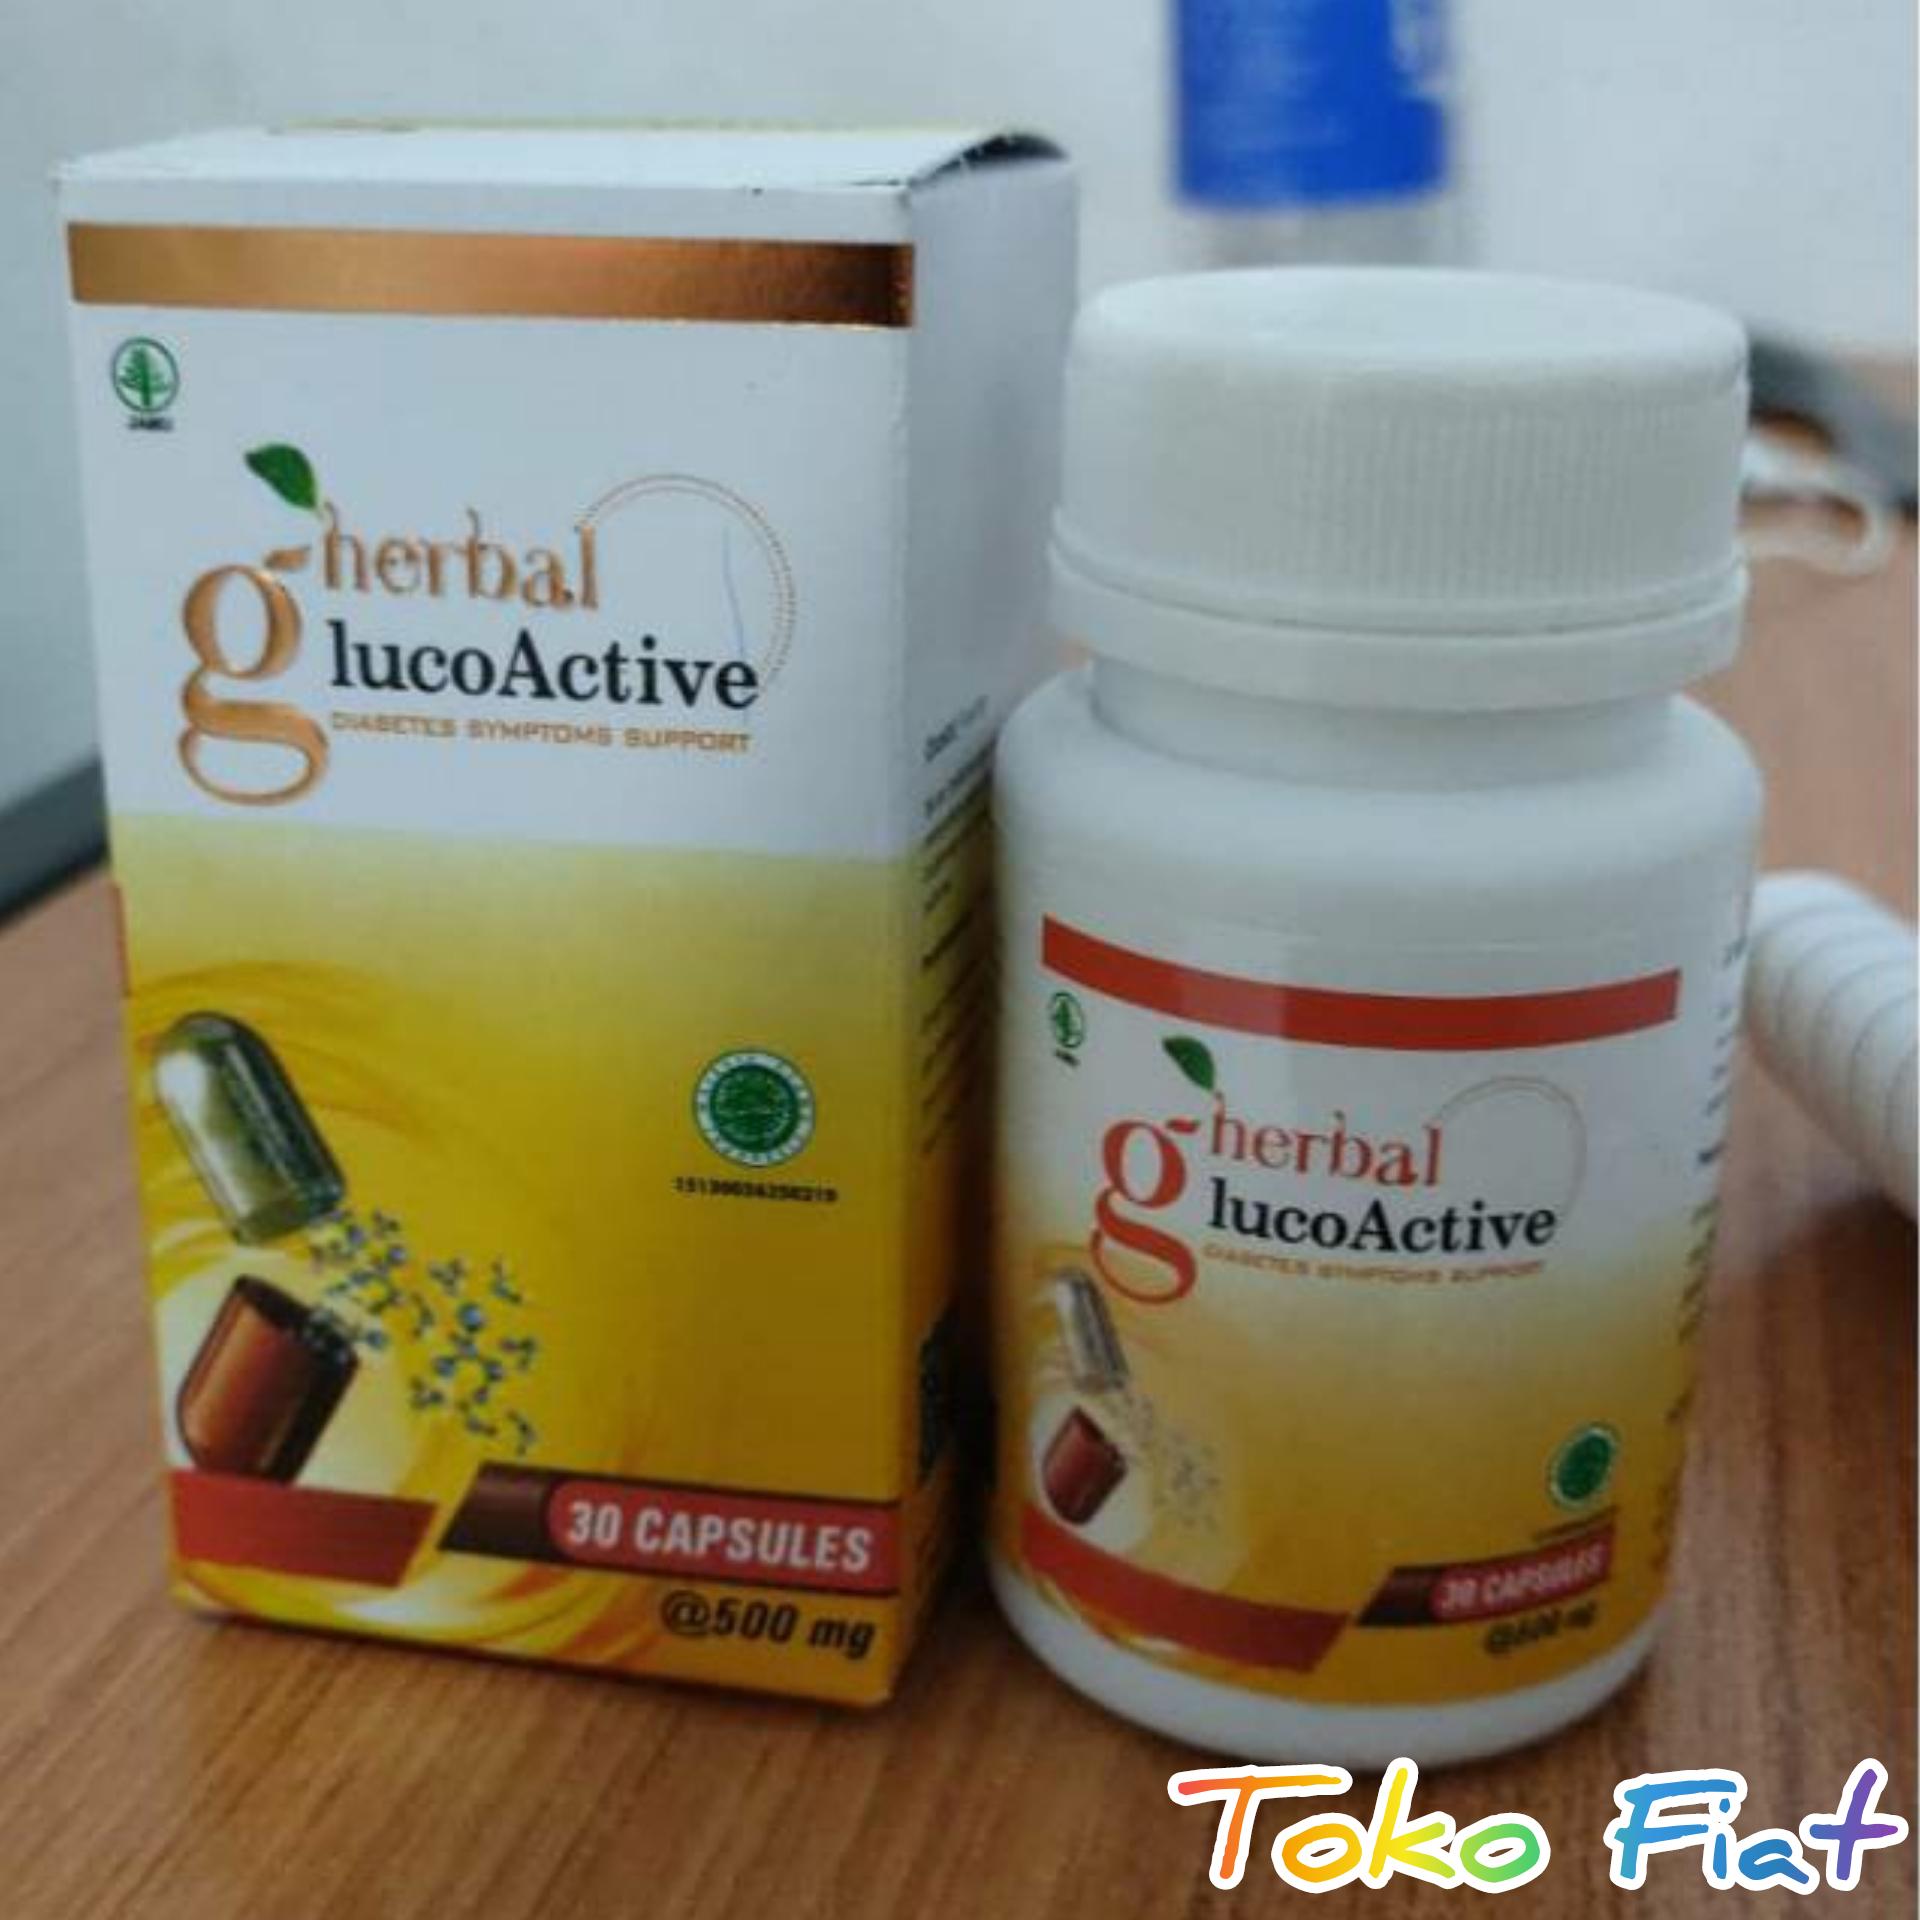 obat glucoactive herbal asli membantu mengatasi diabetes & kencing manis resmi bpom